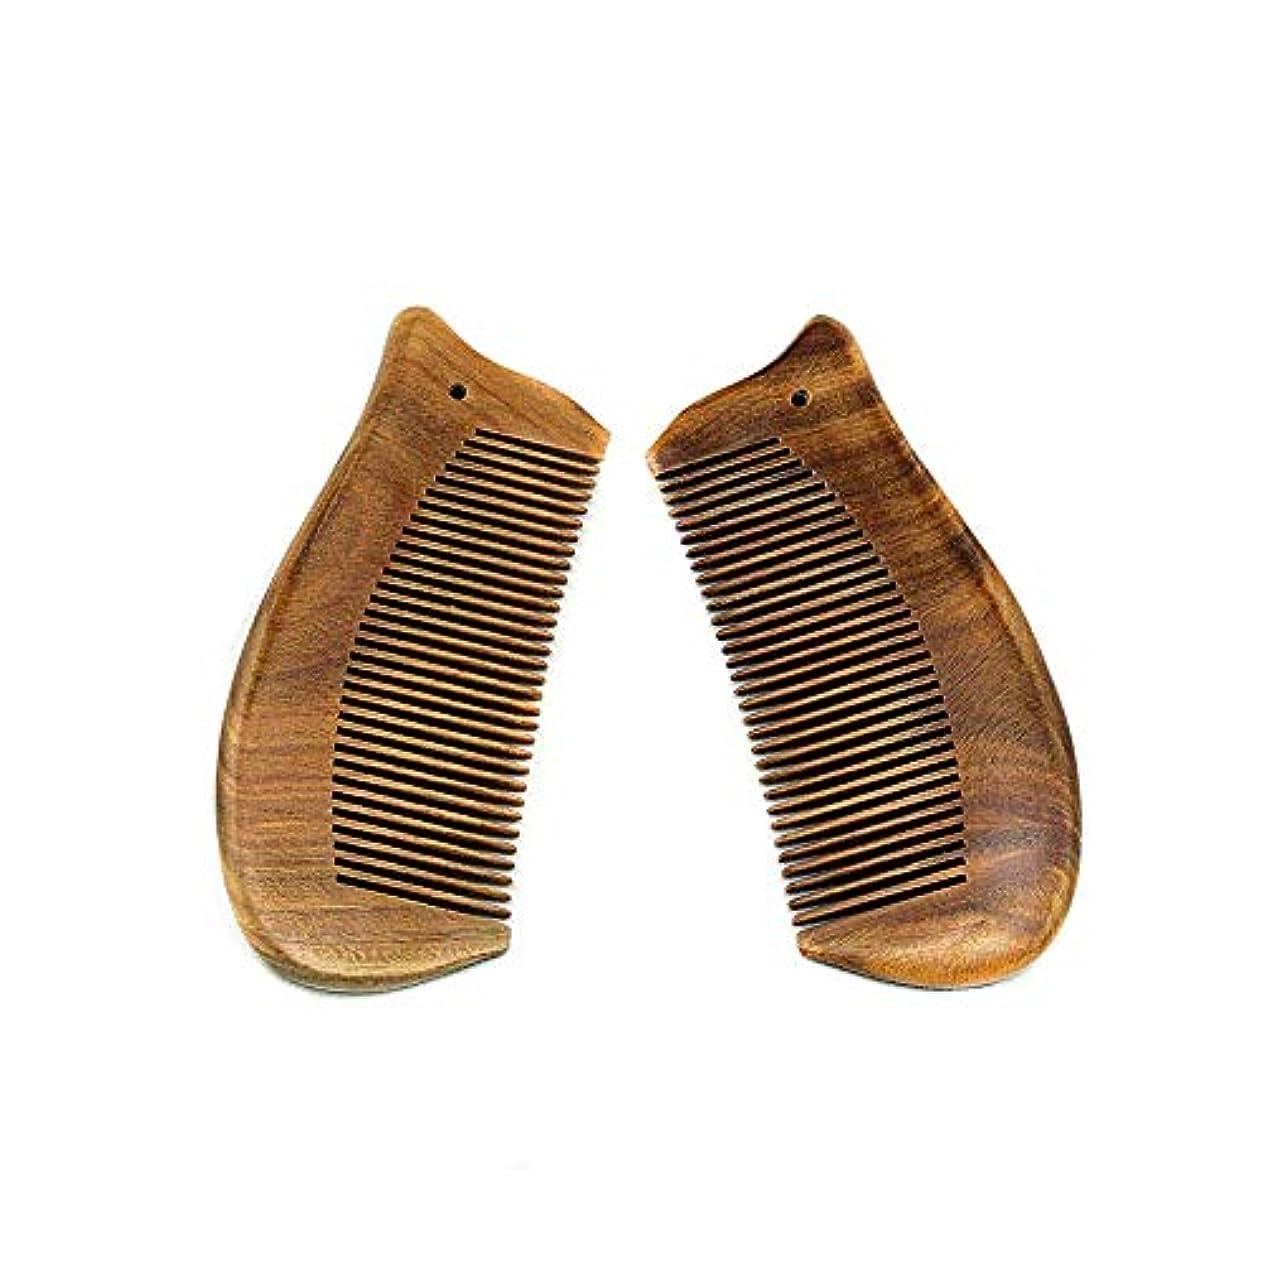 航空気になる仲良し新ナチュラルグリーンサンダルウッド魚の形のくし女性のための静的な手作りの木製くし ヘアケア